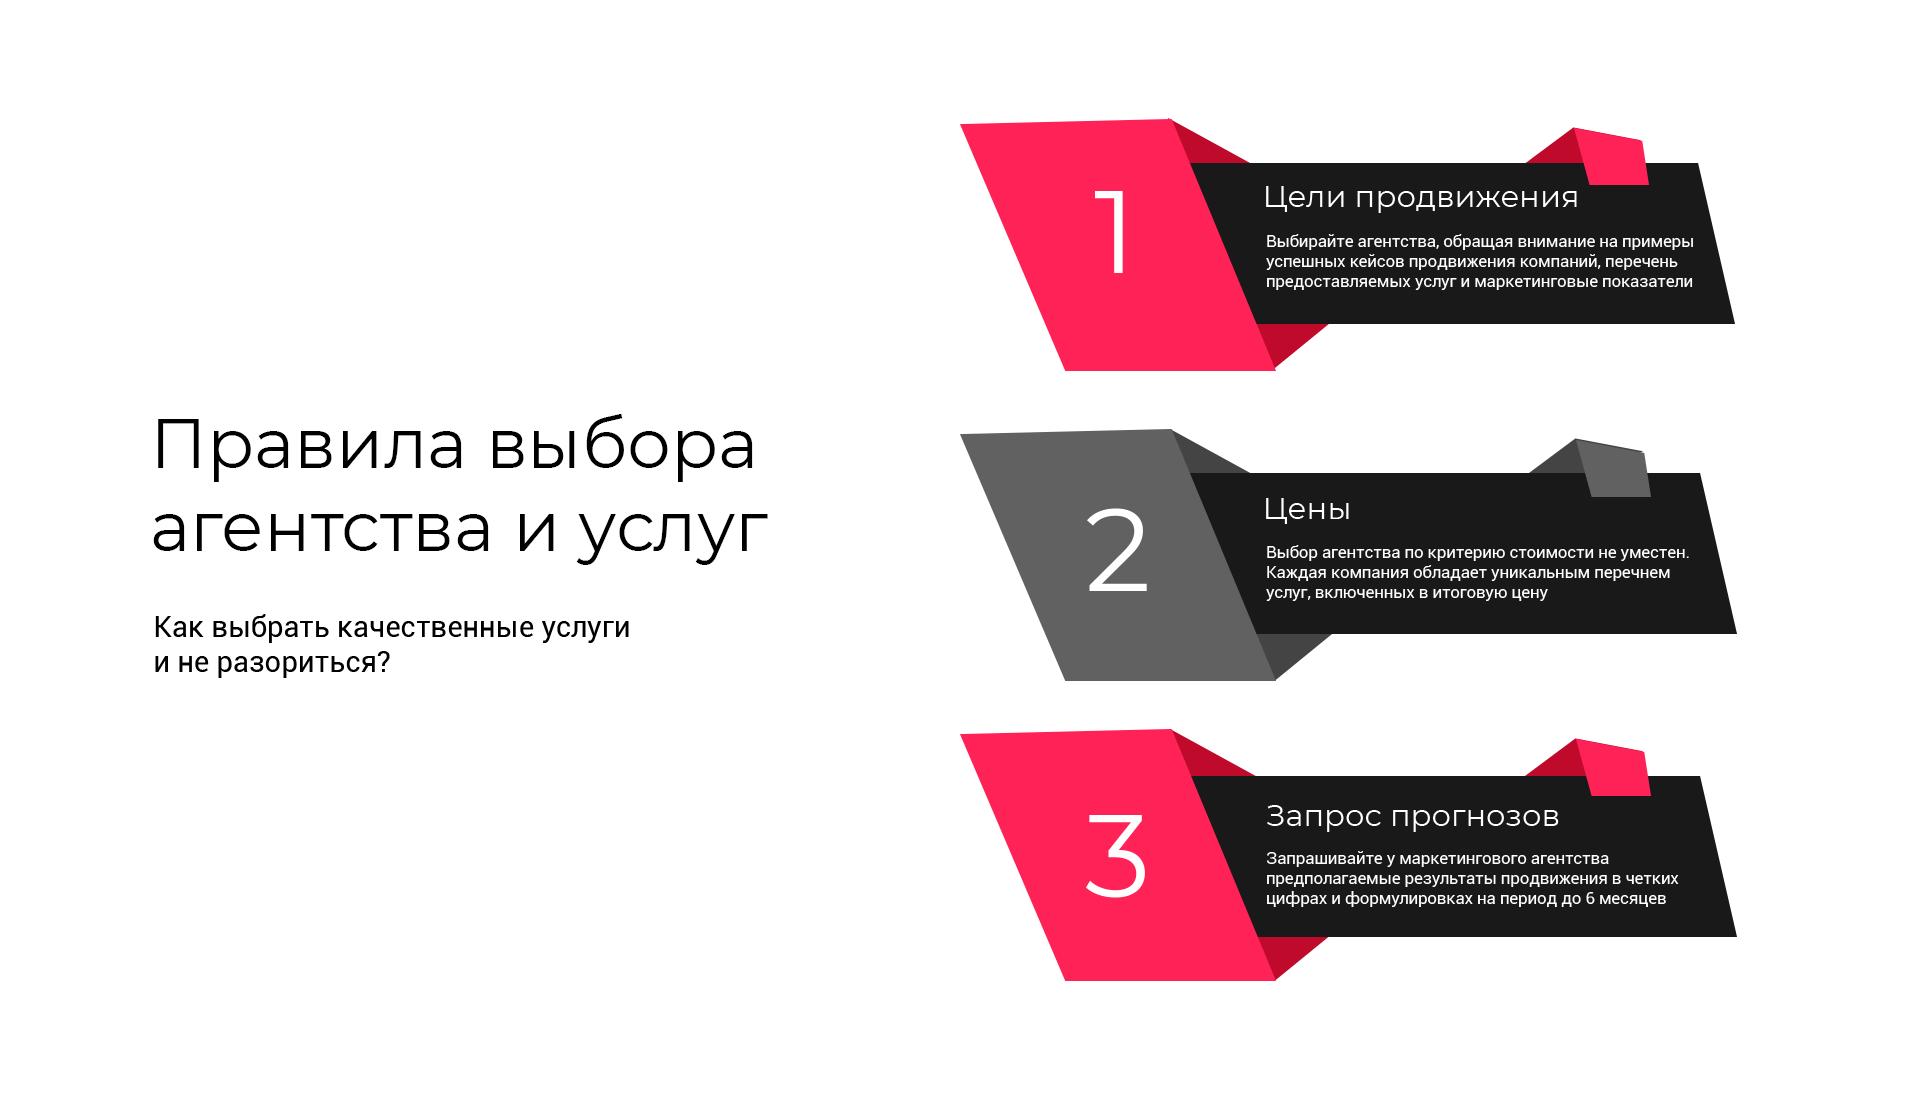 правила по выбору агентства фото